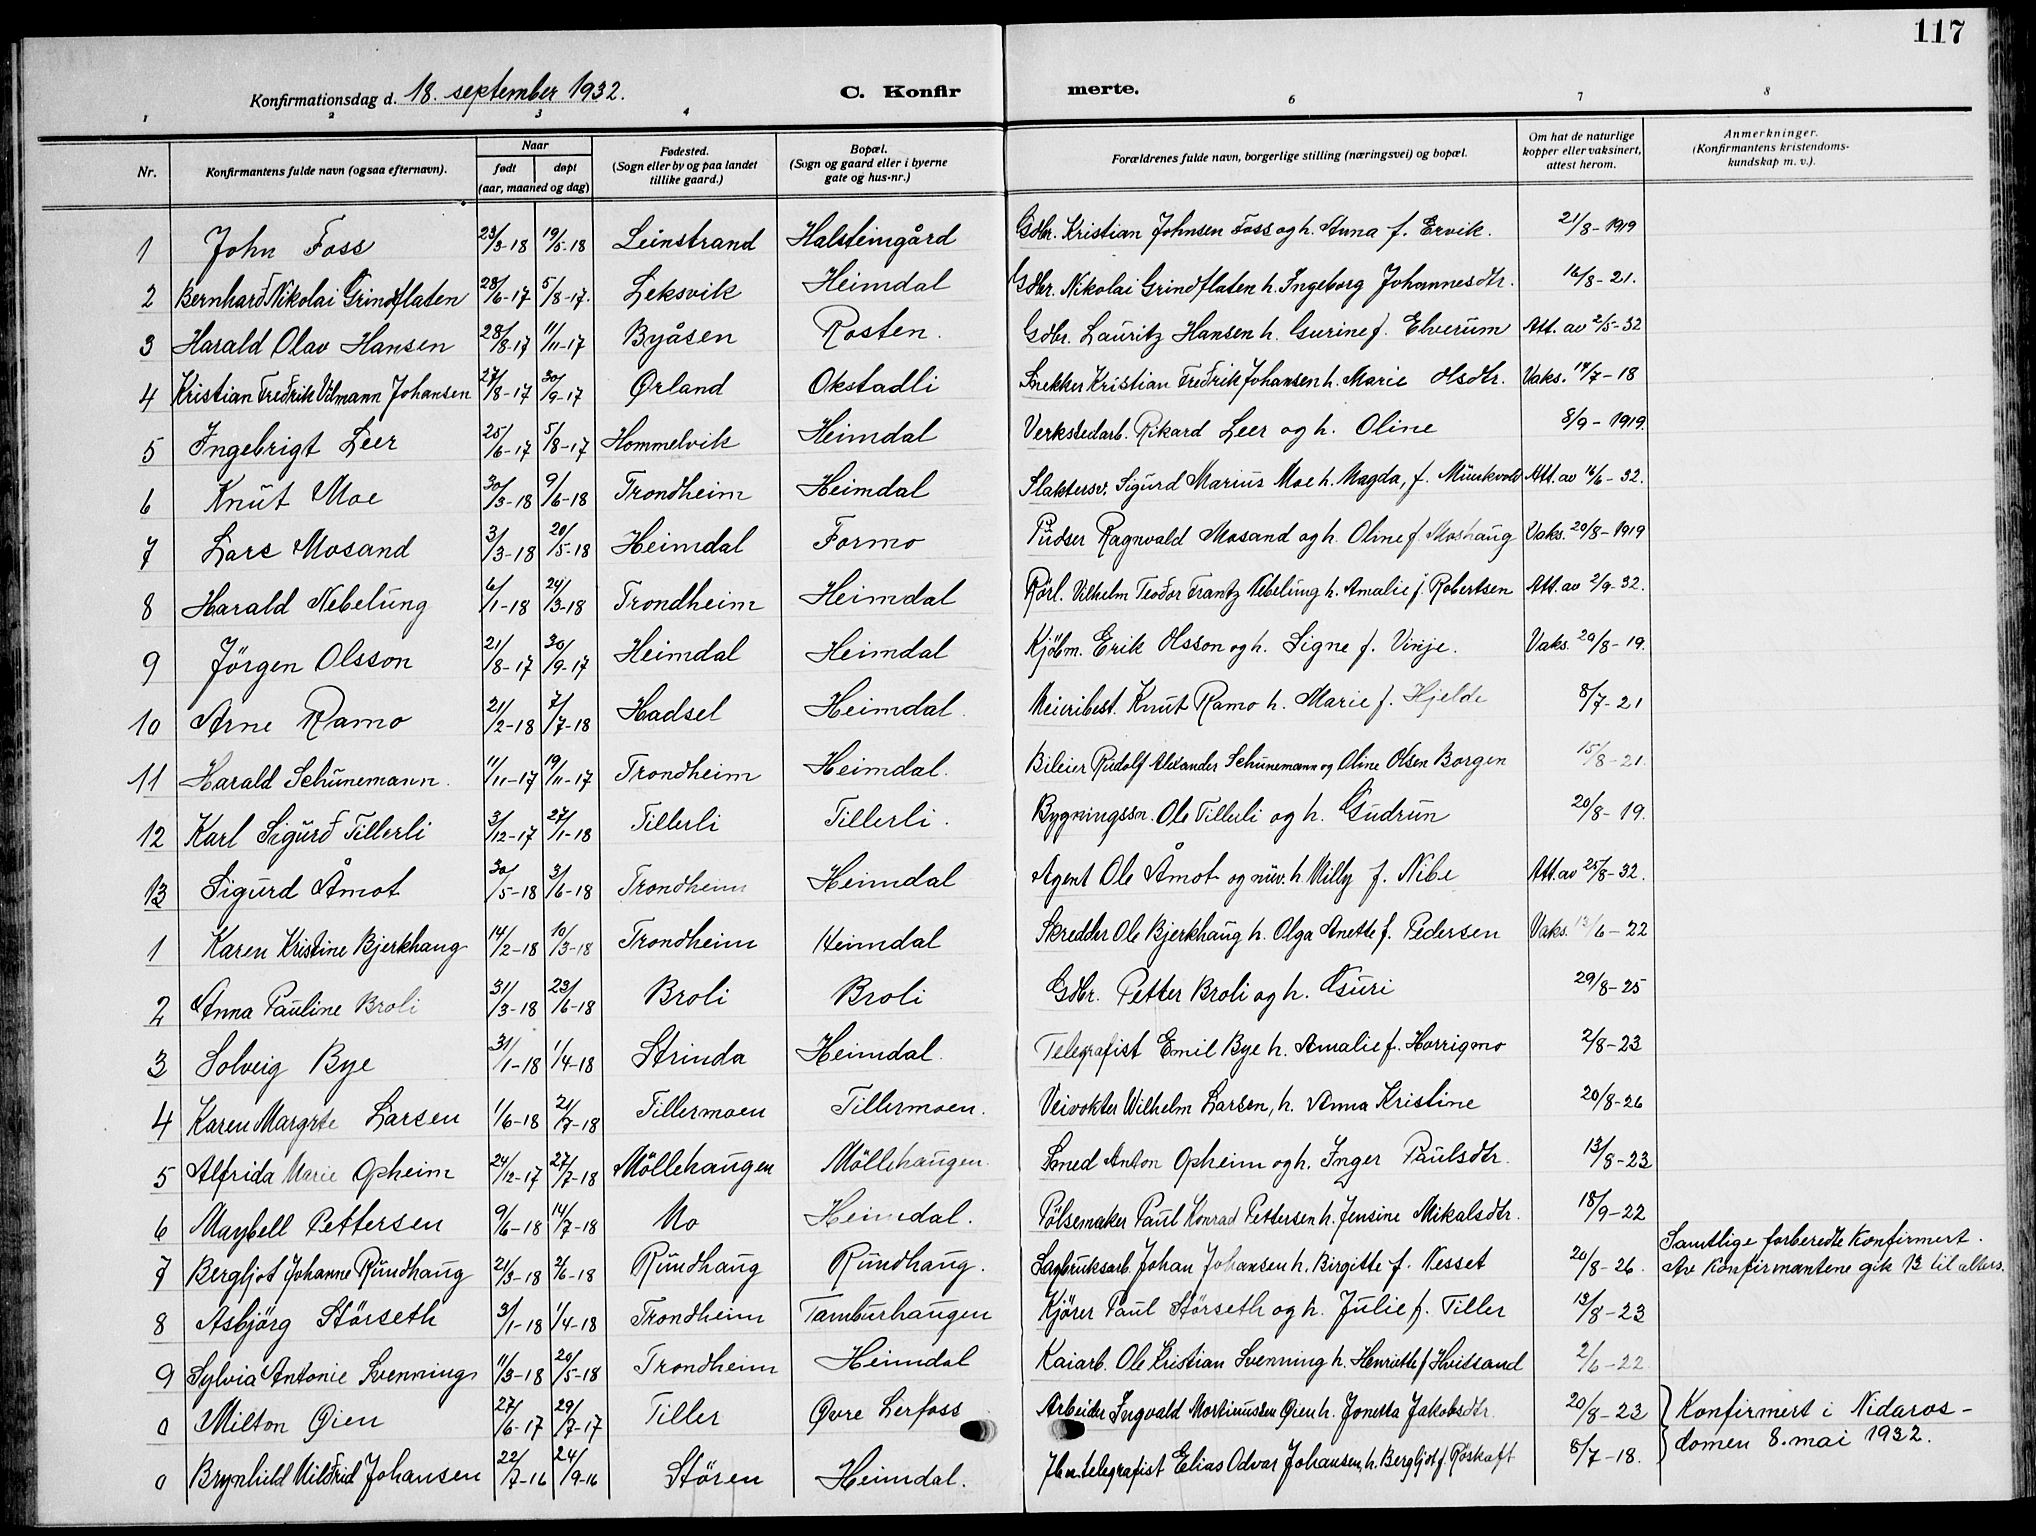 SAT, Ministerialprotokoller, klokkerbøker og fødselsregistre - Sør-Trøndelag, 621/L0462: Klokkerbok nr. 621C05, 1915-1945, s. 117